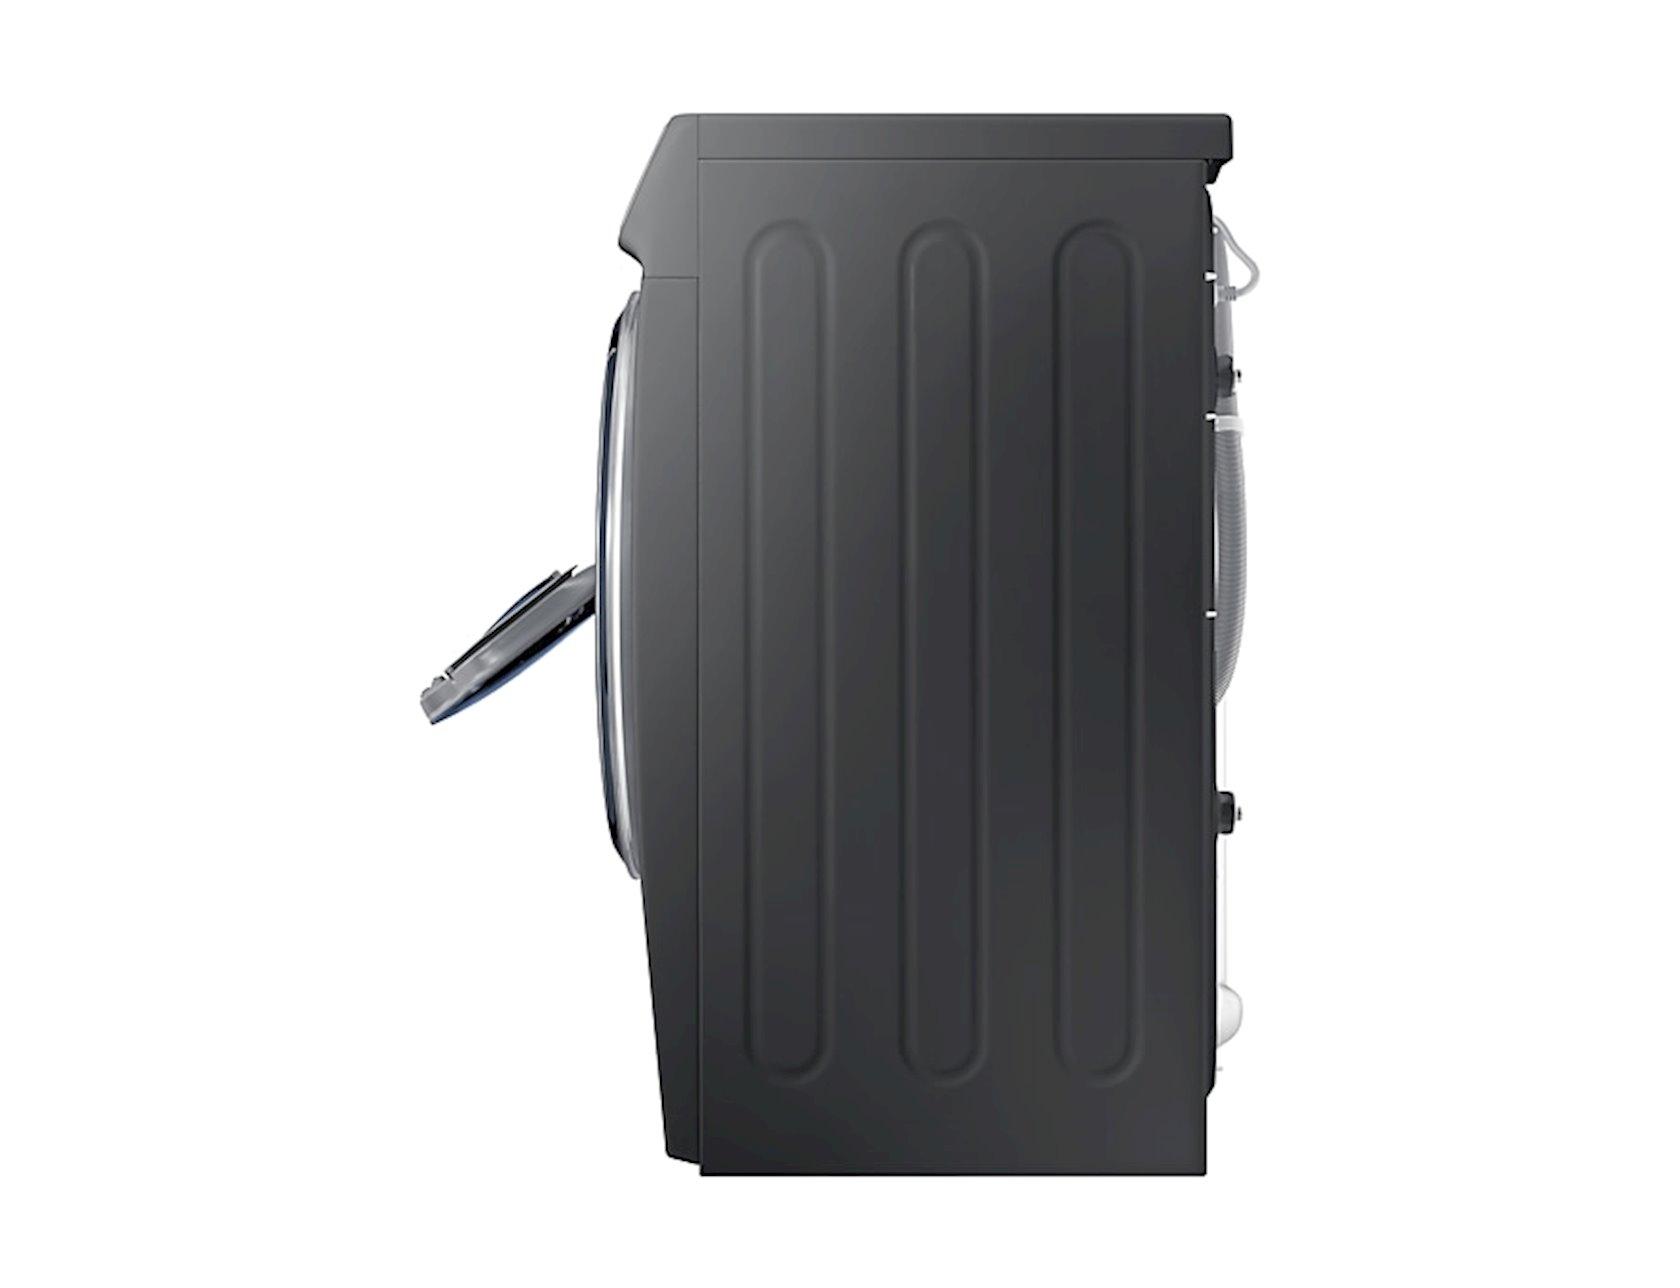 Paltaryuyan maşın Samsung WW70R62LATXDLP